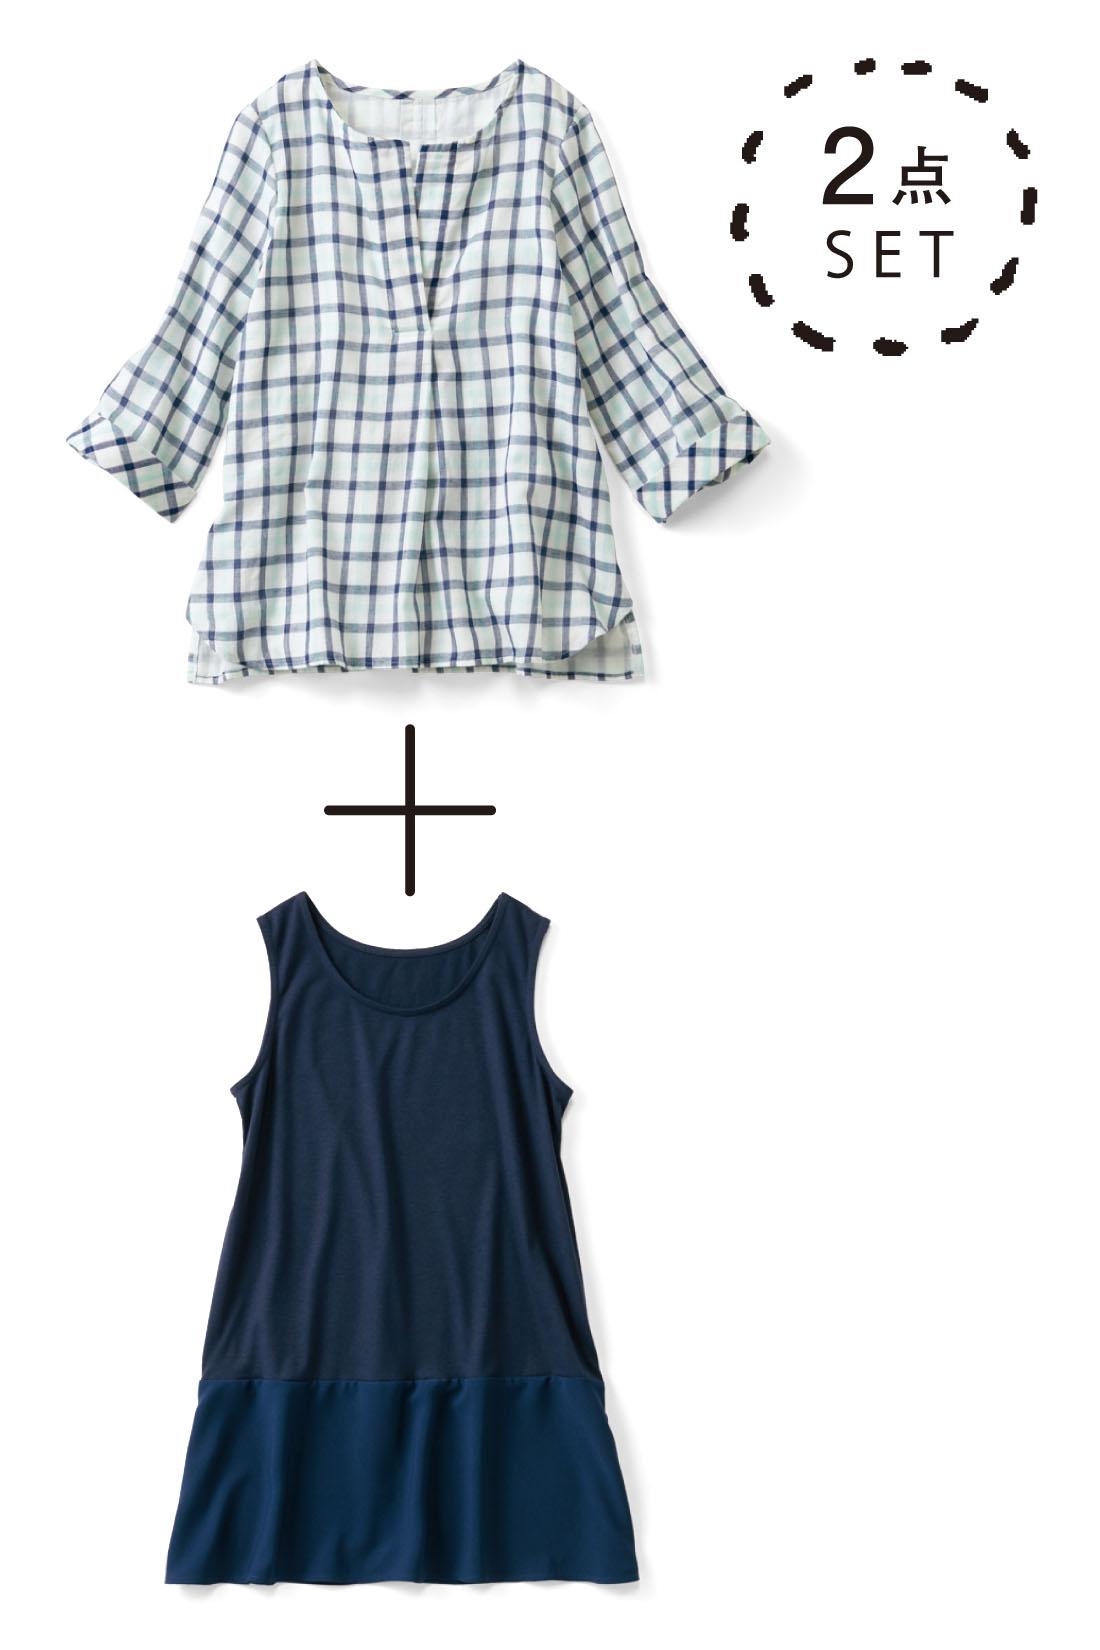 単品での着まわしもOKな優秀アイテム2点セット。届いたまま着るだけでおしゃれが即完成してコーデも広がる! ※お届けするカラーとは異なります。